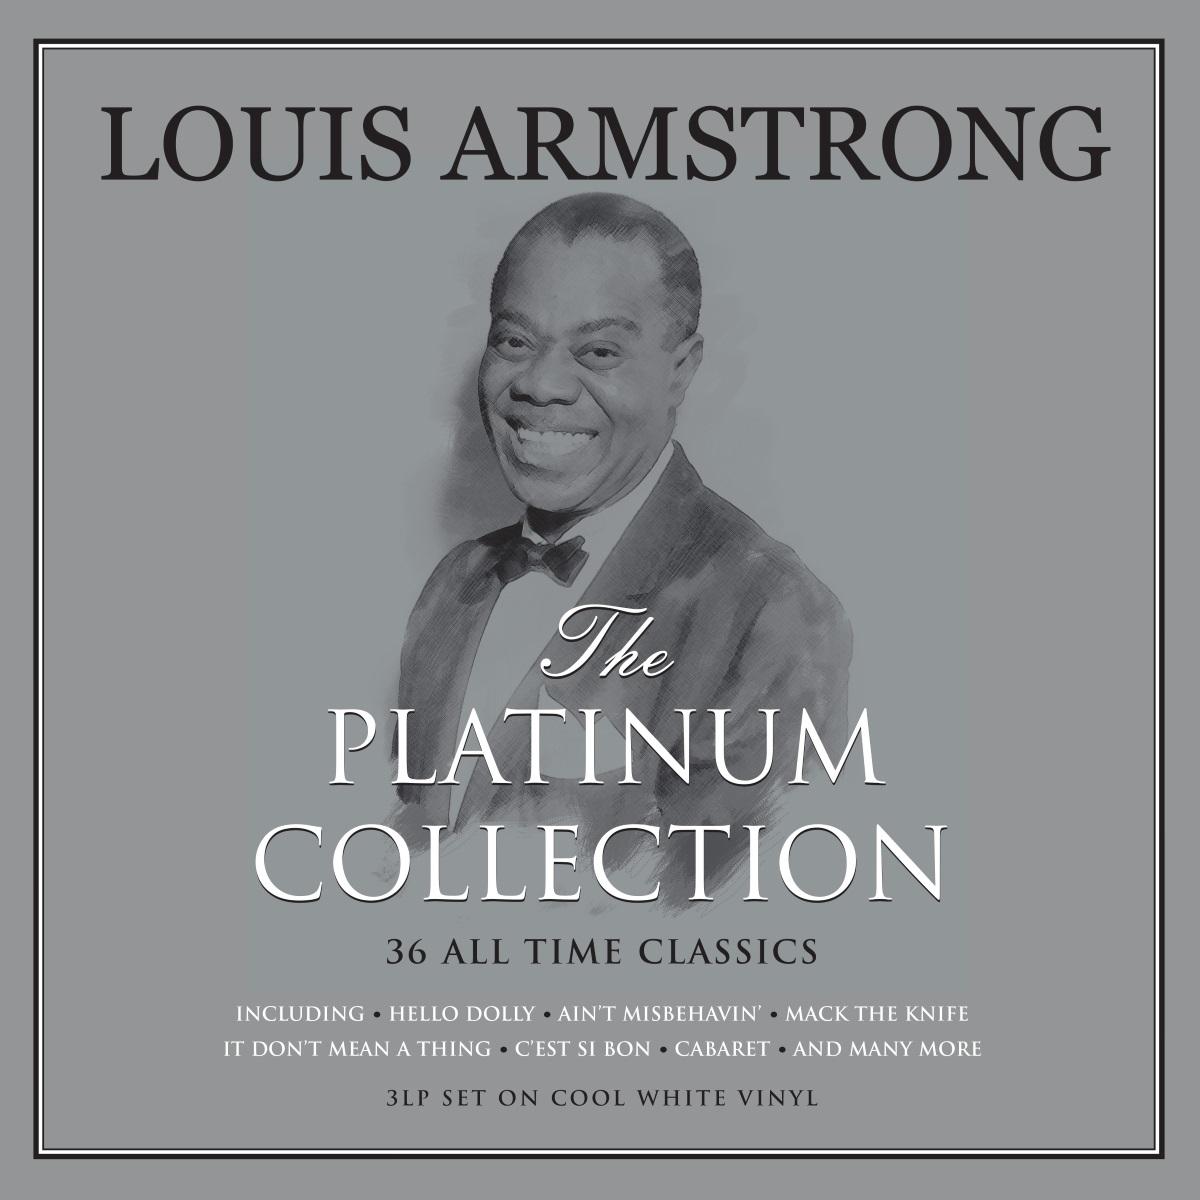 Louis Armstrong – The Platinum Collection (3 LP)В альбоме Louis Armstrong – The Platinum Collection собраны лучшие композиции самого известного и влиятельного трубача мира, который сформировал лицо джаза.<br>